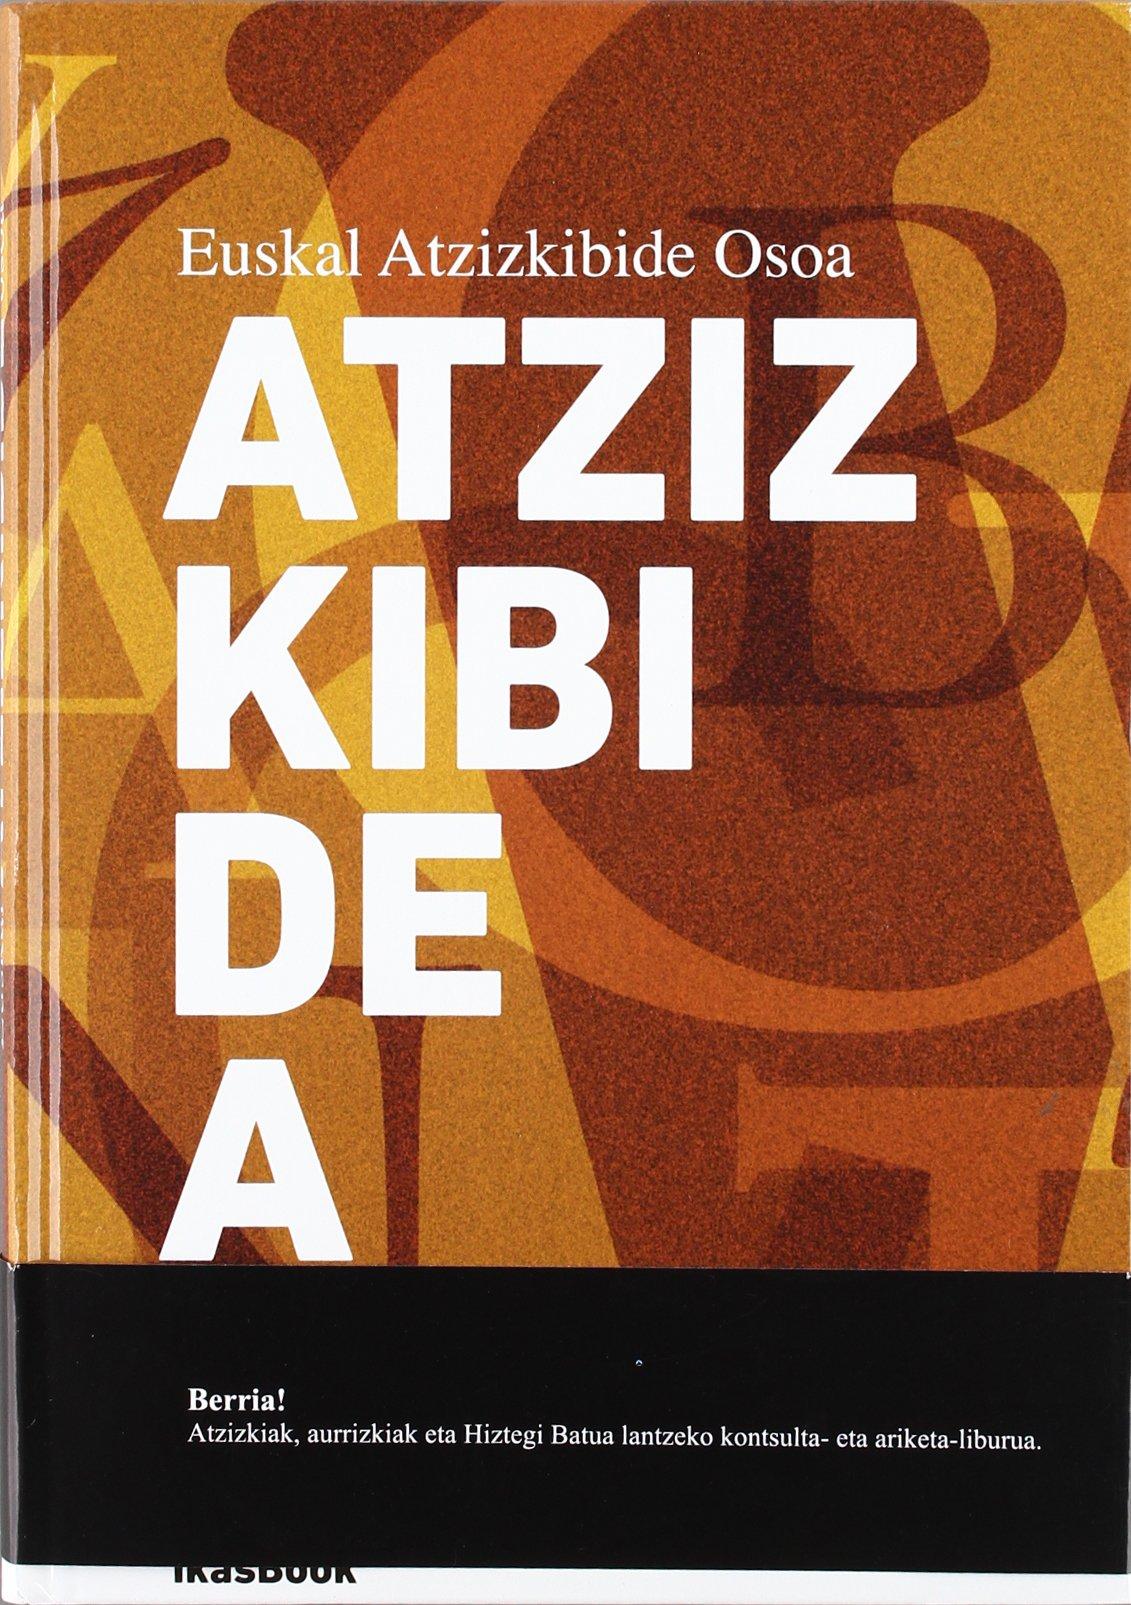 Euskal Atzizkibide Osoa (Euskera) Tapa blanda – 13 jun 2012 Batzuk Ikasbook S.L. 8494018426 Keltische Sprachen